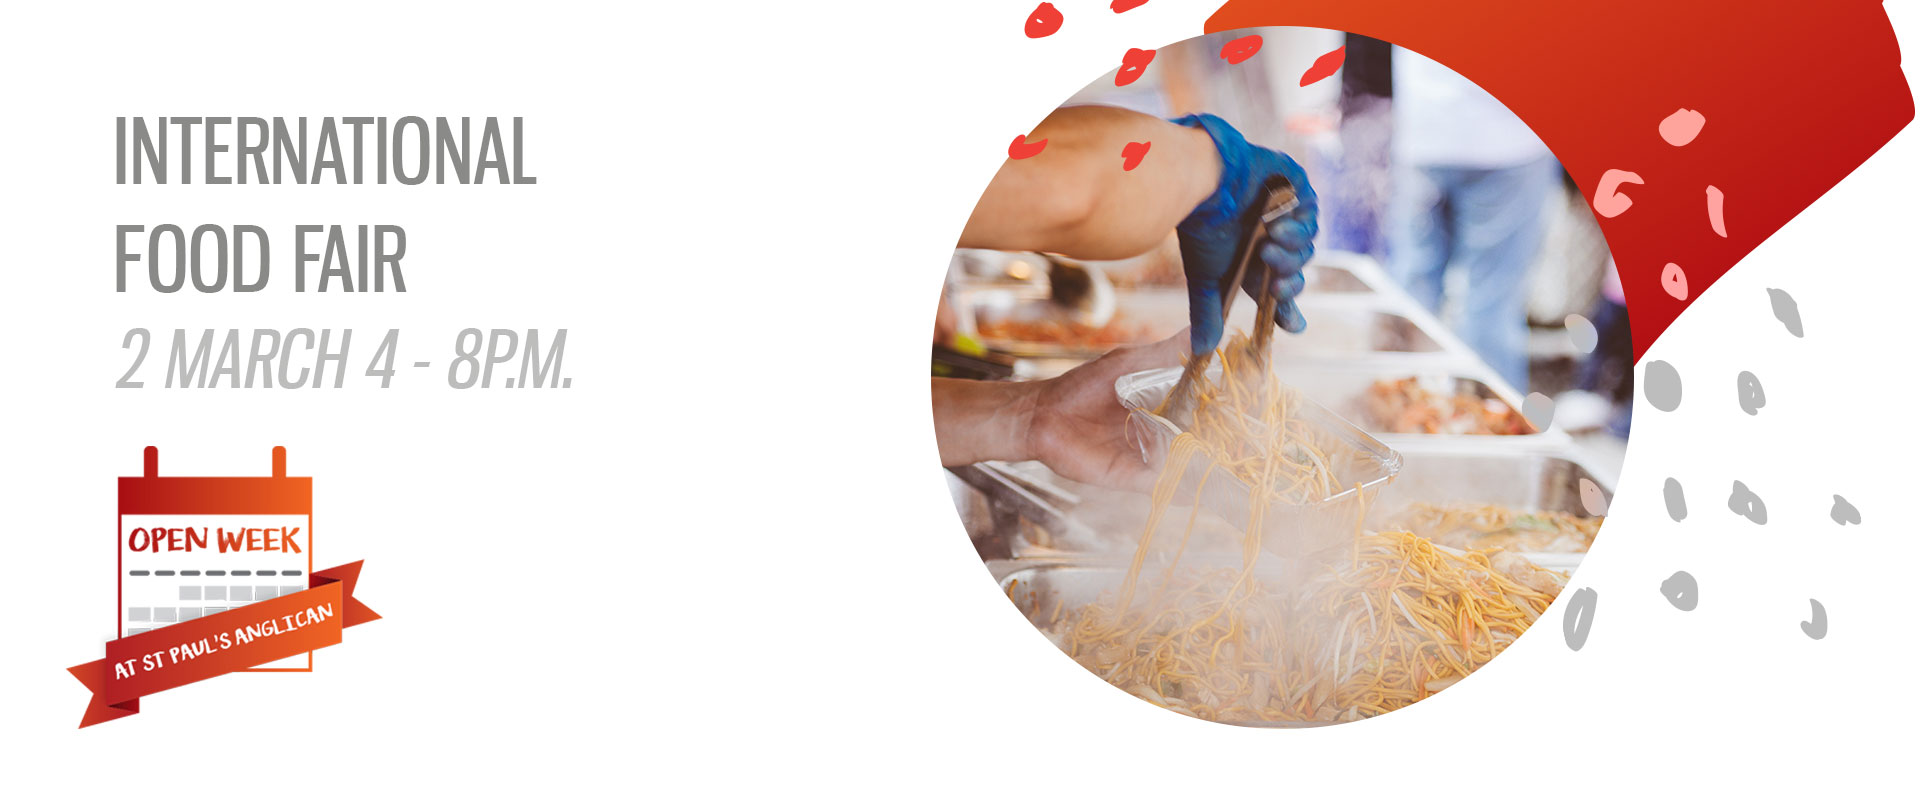 food fair carousel